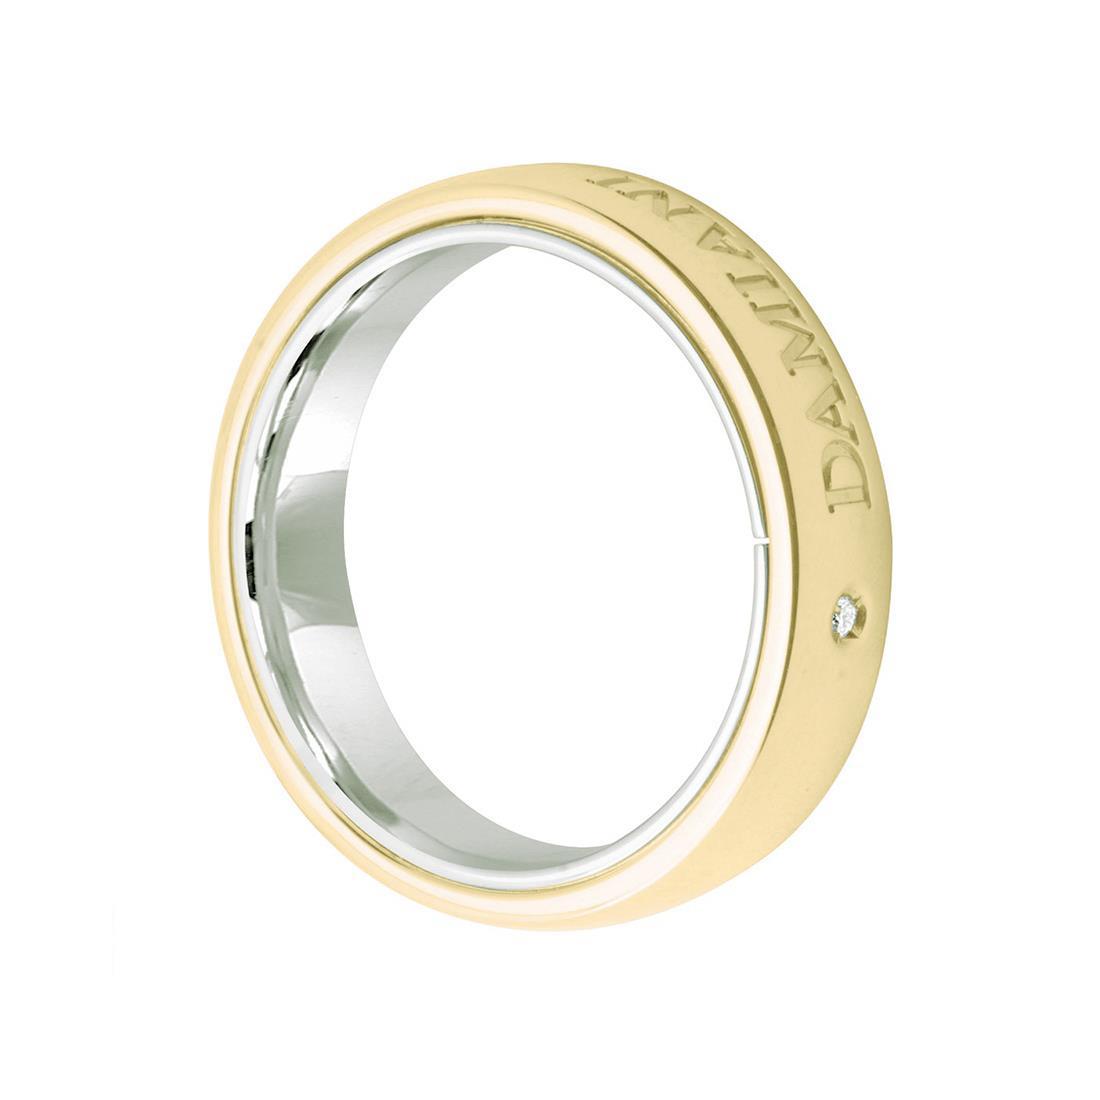 Anello design in oro bianco e giallo - DAMIANI